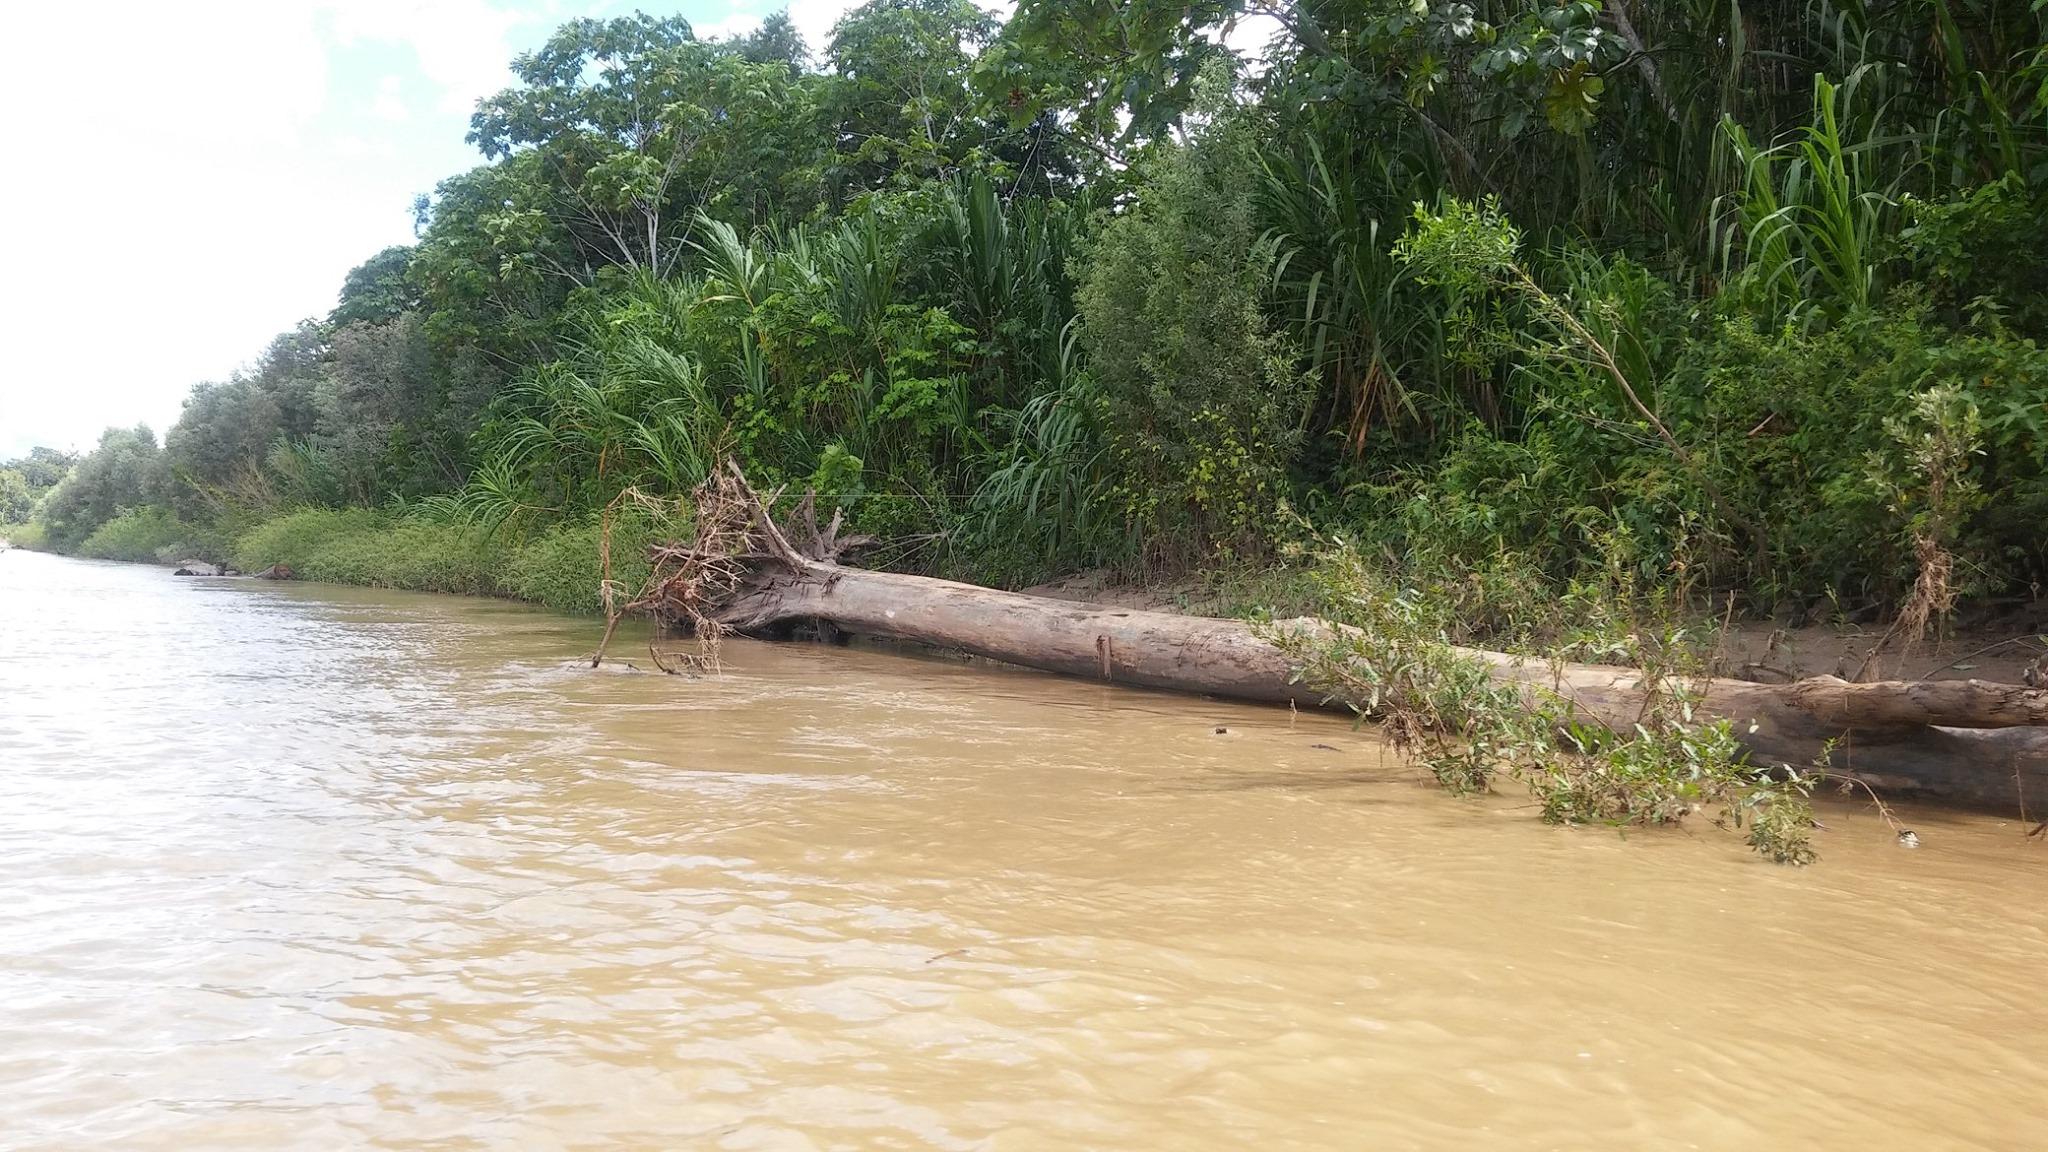 Los árboles en el Parque Nacional del Manu caen por efecto de las tormentas. Foto: Manu 3.